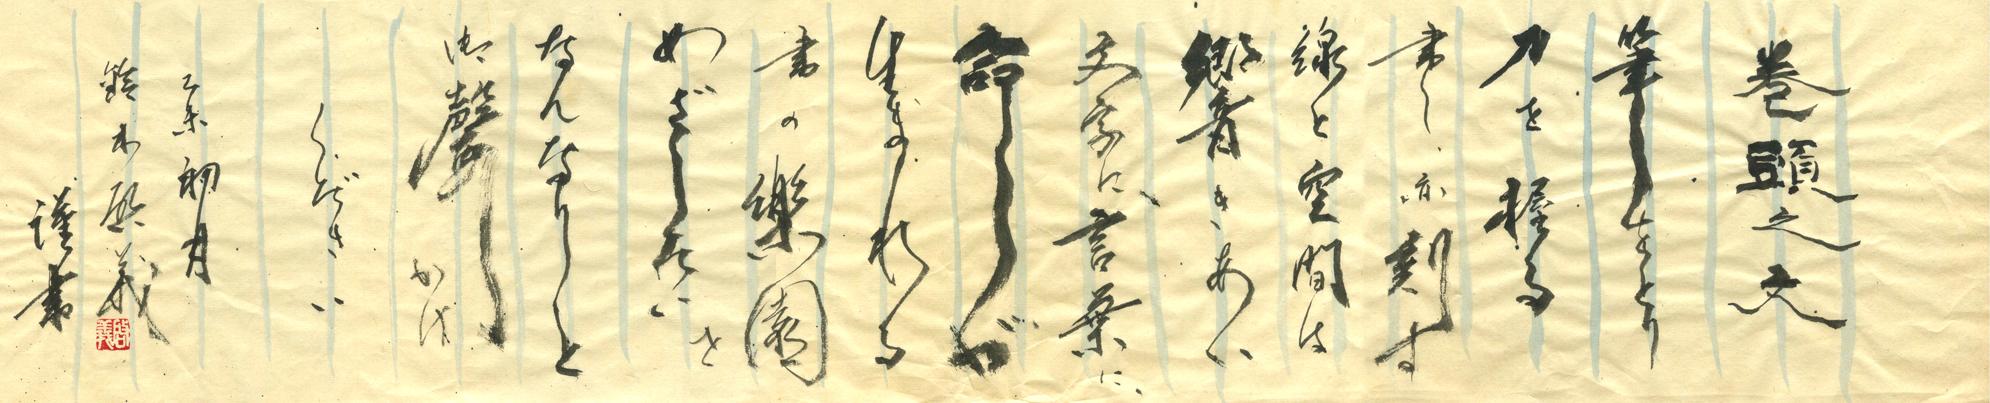 筆をとり、刀を握る 書し、亦刻す 線と空間は響きあい 文字に、言葉に、 命が生まれる 書の楽園をめざしたい なんなりと御聲がけください